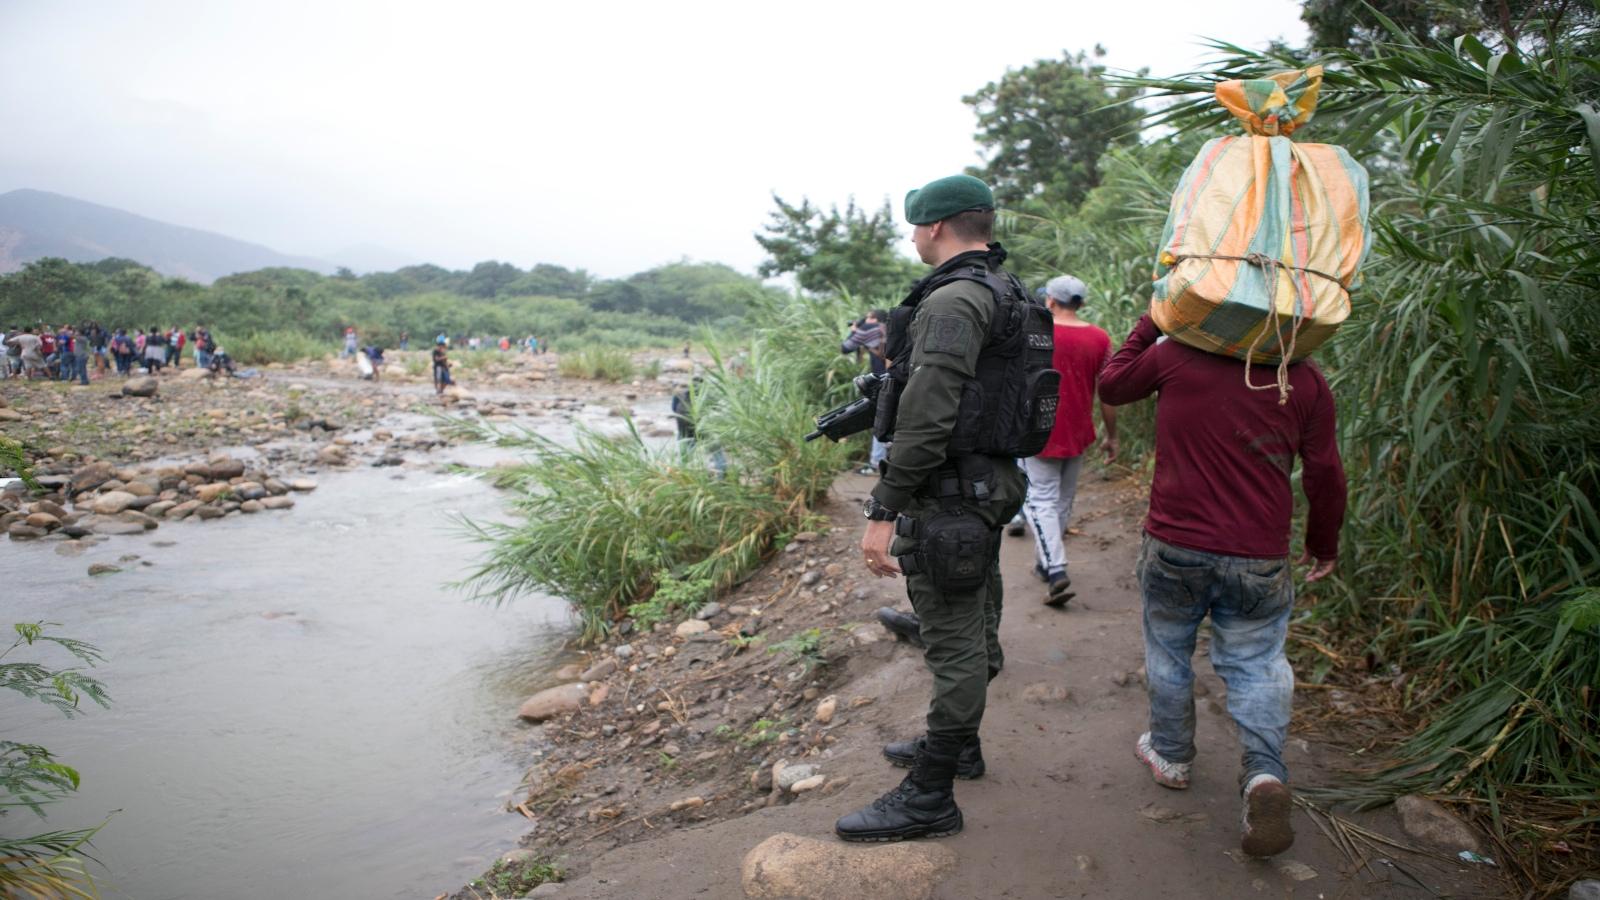 Conversatorio| Derechos humanos, un tema migratorio crucial